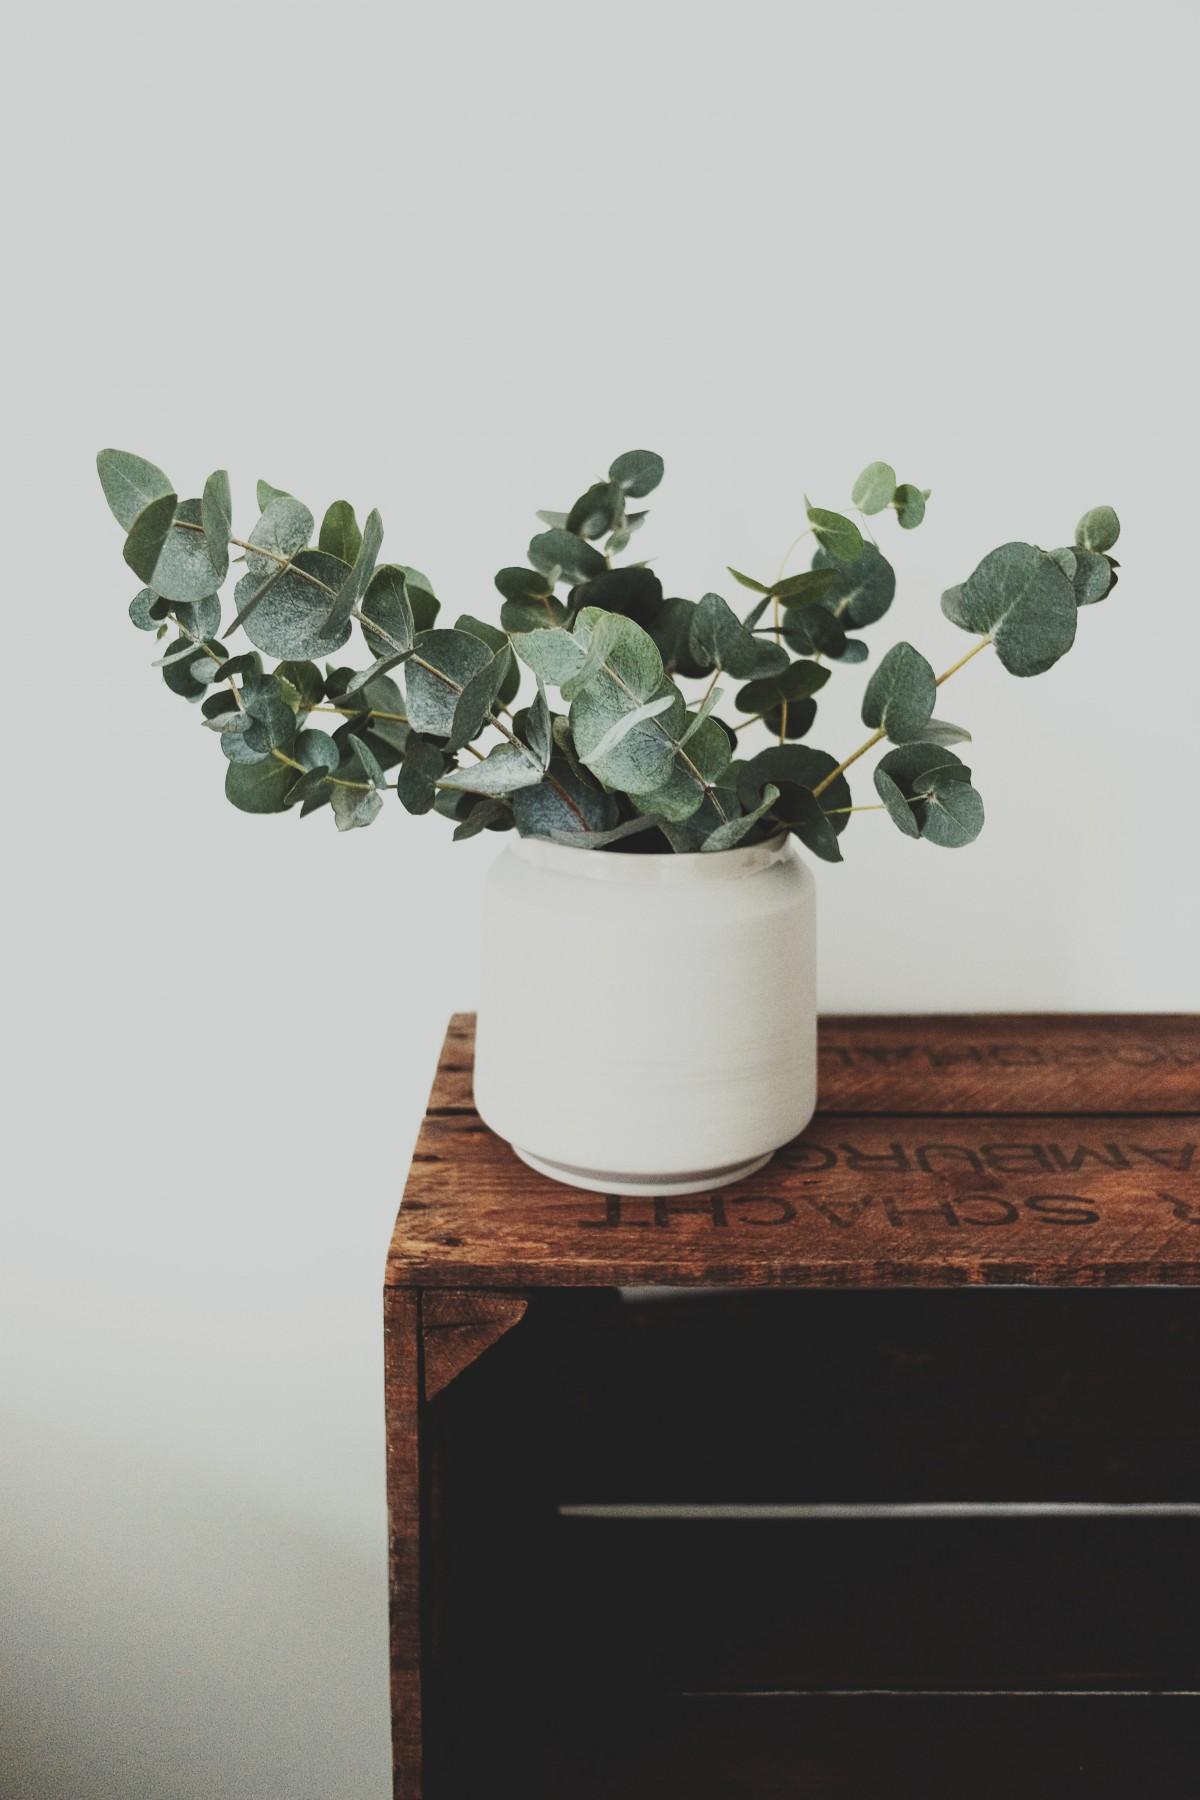 gratis billeder tr afdeling blad blomst gryde krukke vase gr n fremstille stueplante. Black Bedroom Furniture Sets. Home Design Ideas